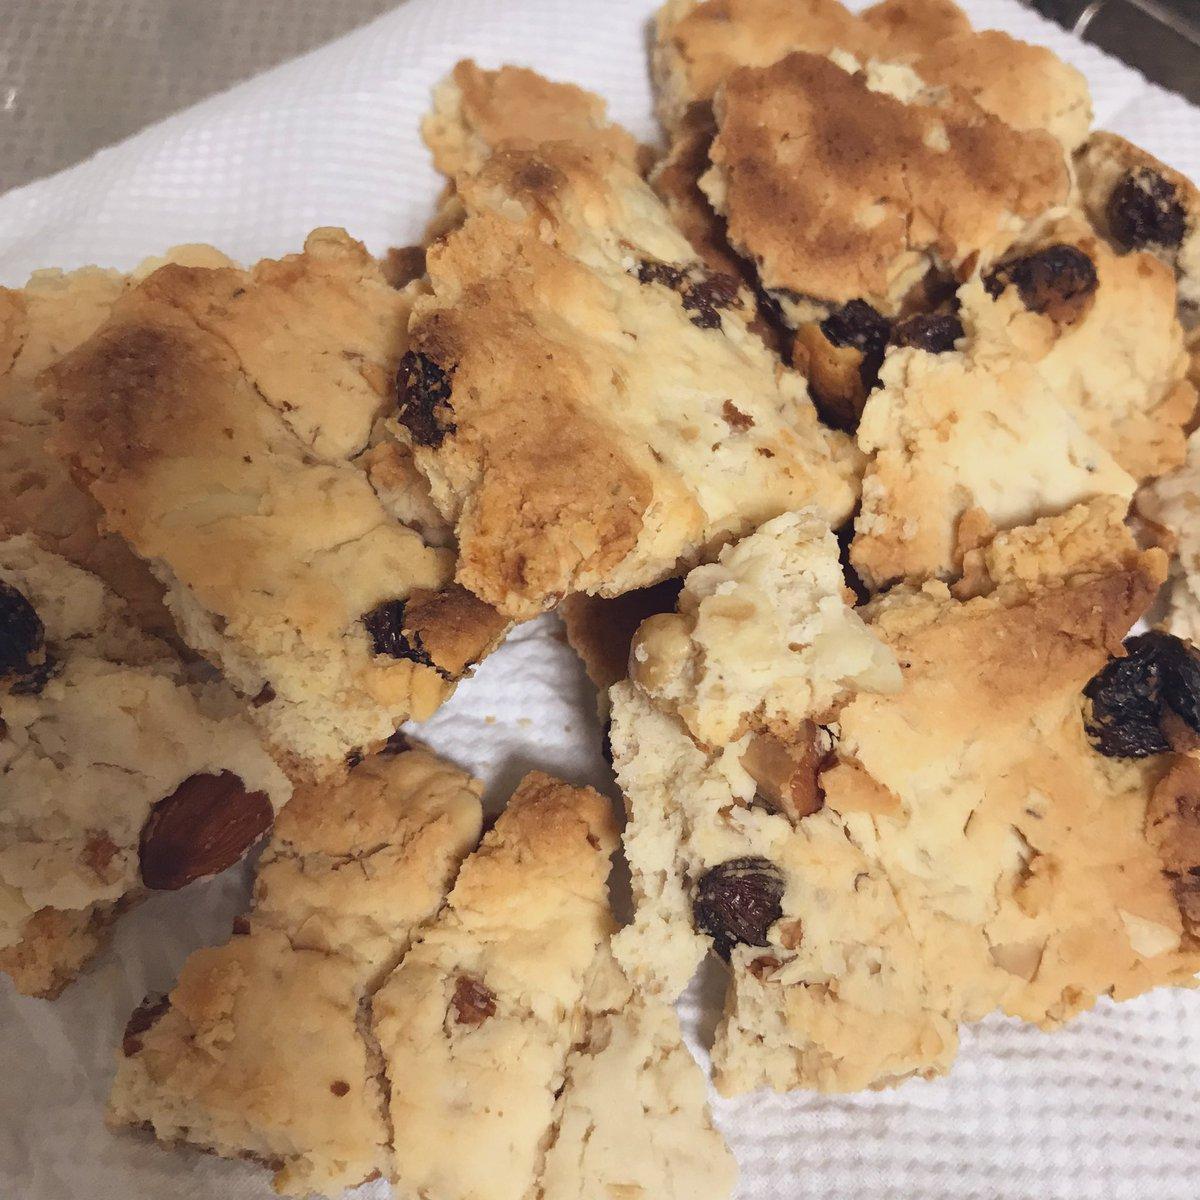 test ツイッターメディア - 今日の戦果🔥🔥🔥  美味しいけど、クッキーというより南部せんべいなんだよなぁー ぼく好みの食感はどうやったら出せるんだろー🤔(初心者がナマイキをいうな) https://t.co/TKWJ4UKdQb